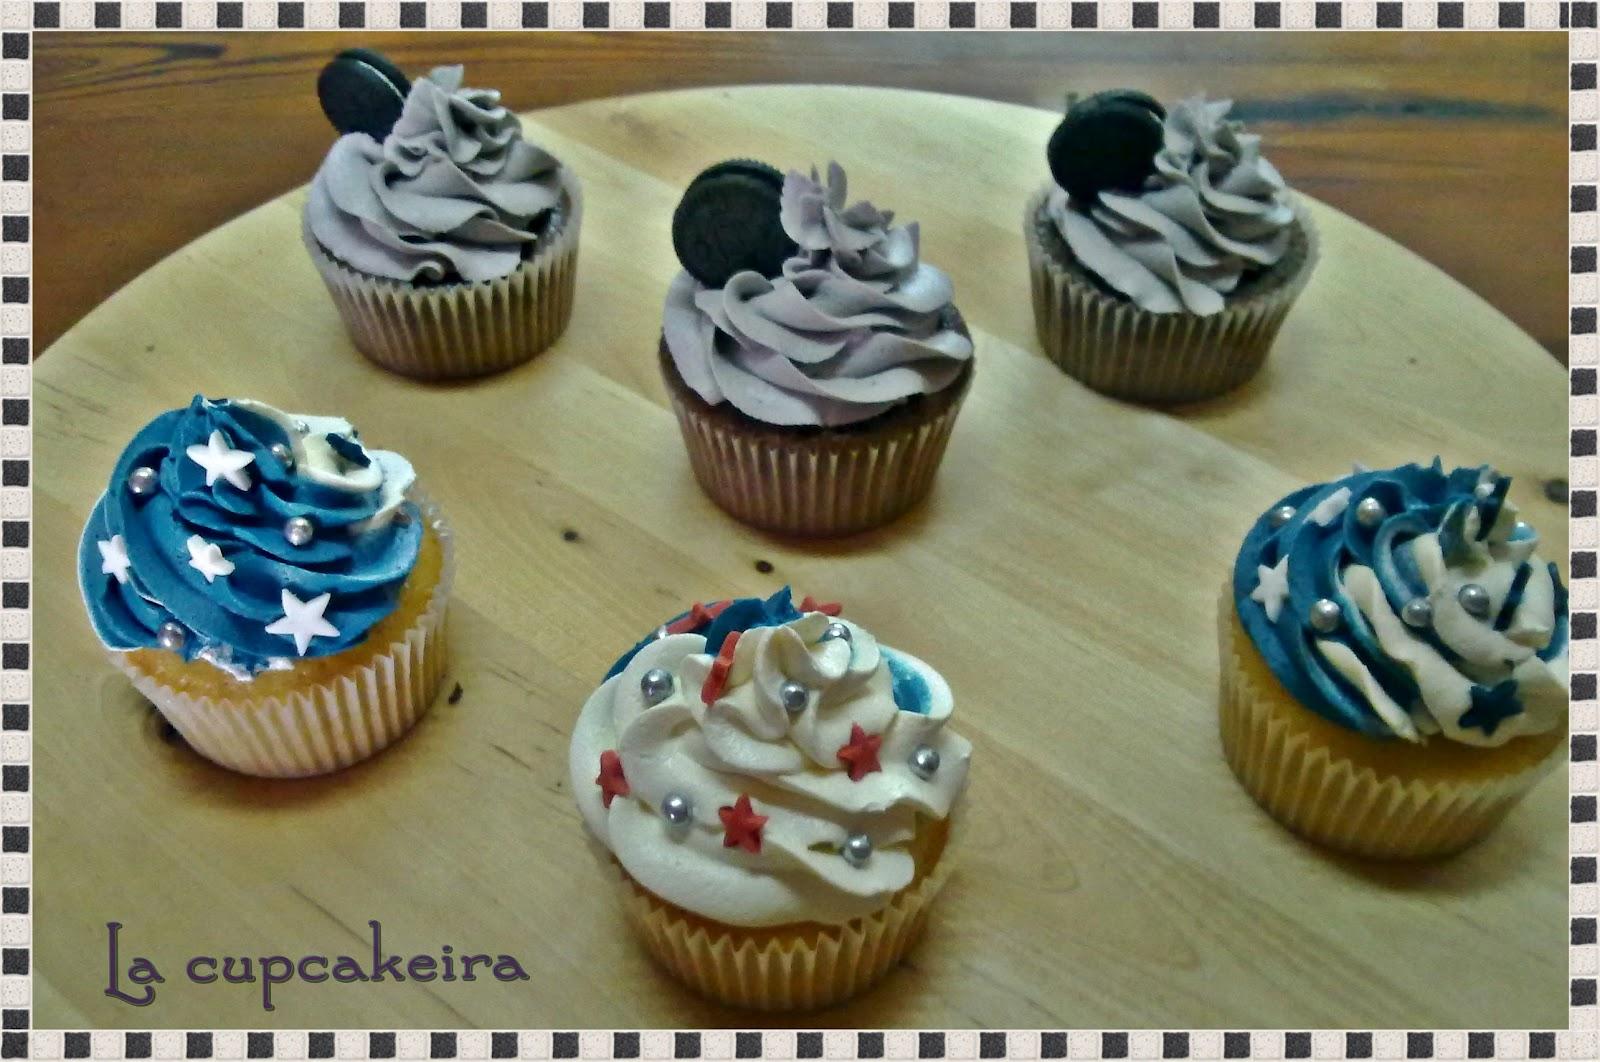 La cupcakeira cupcakes en tenerife - Cupcakes tenerife ...